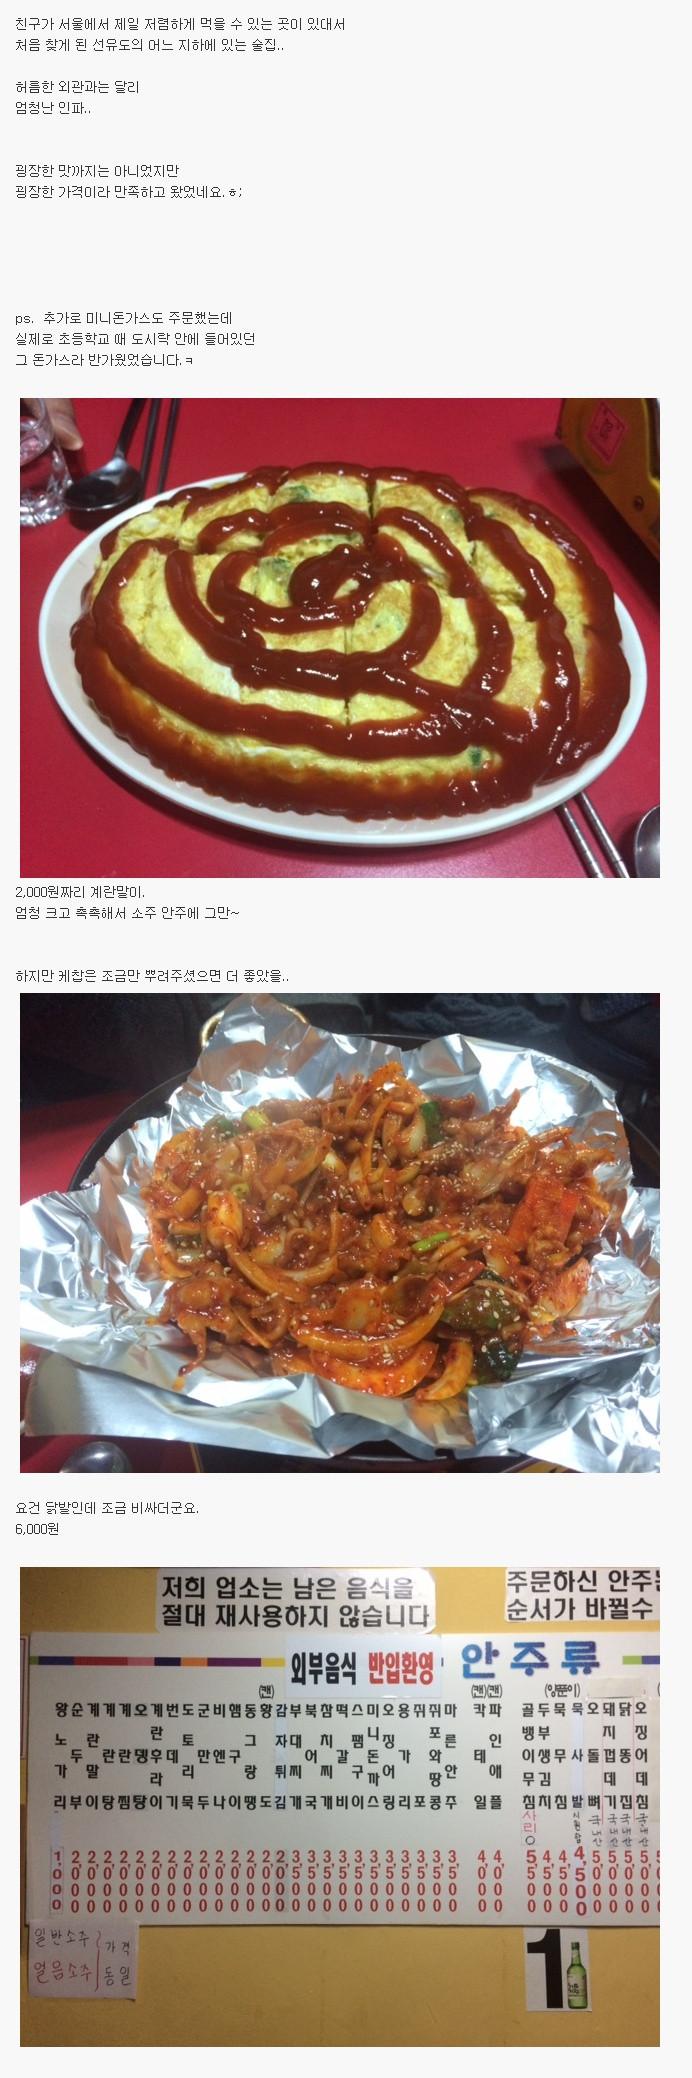 서울에서 가장 저렴한 안주가 있는 술집.jpg